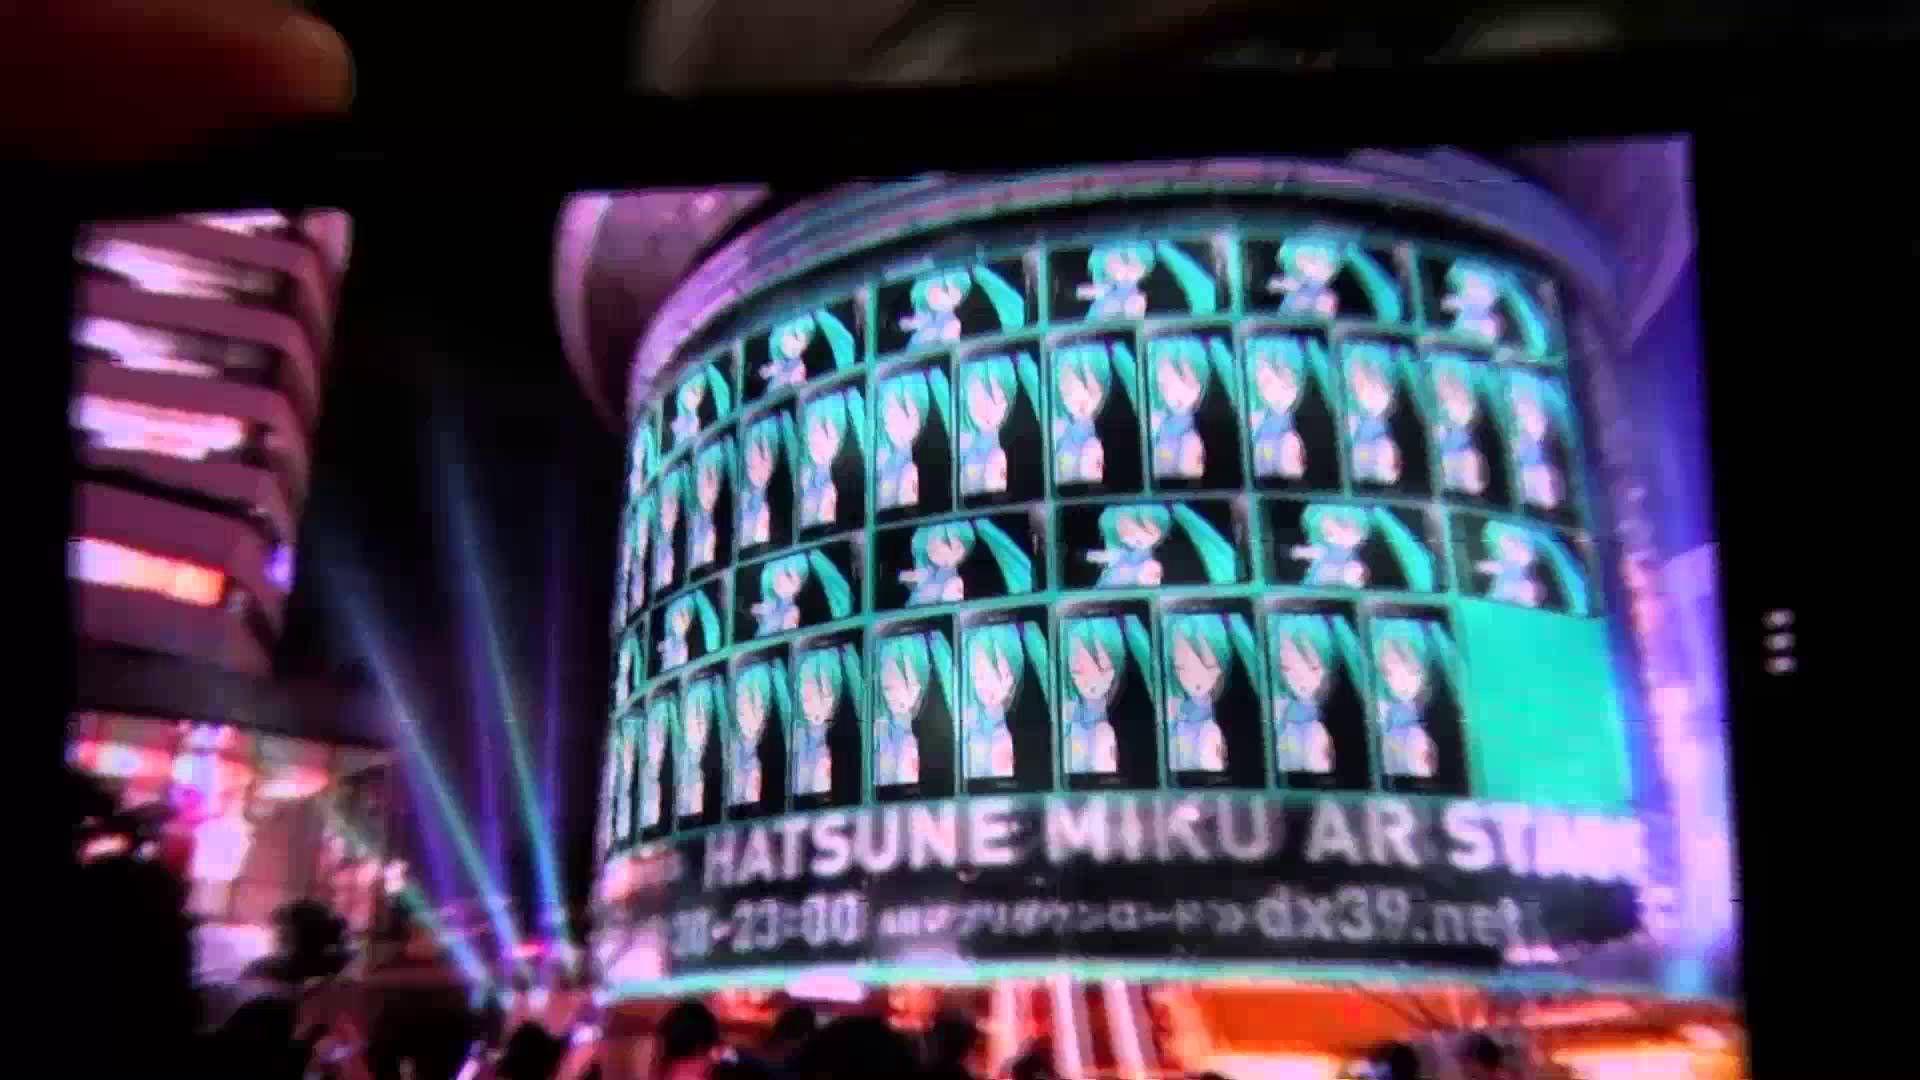 Hatsune Miku AR Live Stage